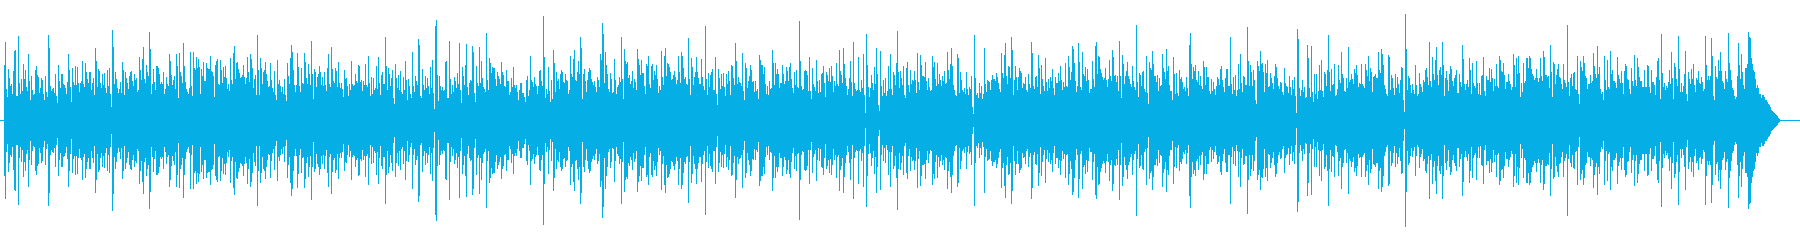 シンプルなアコギ2本のフォーク調BGMの再生済みの波形